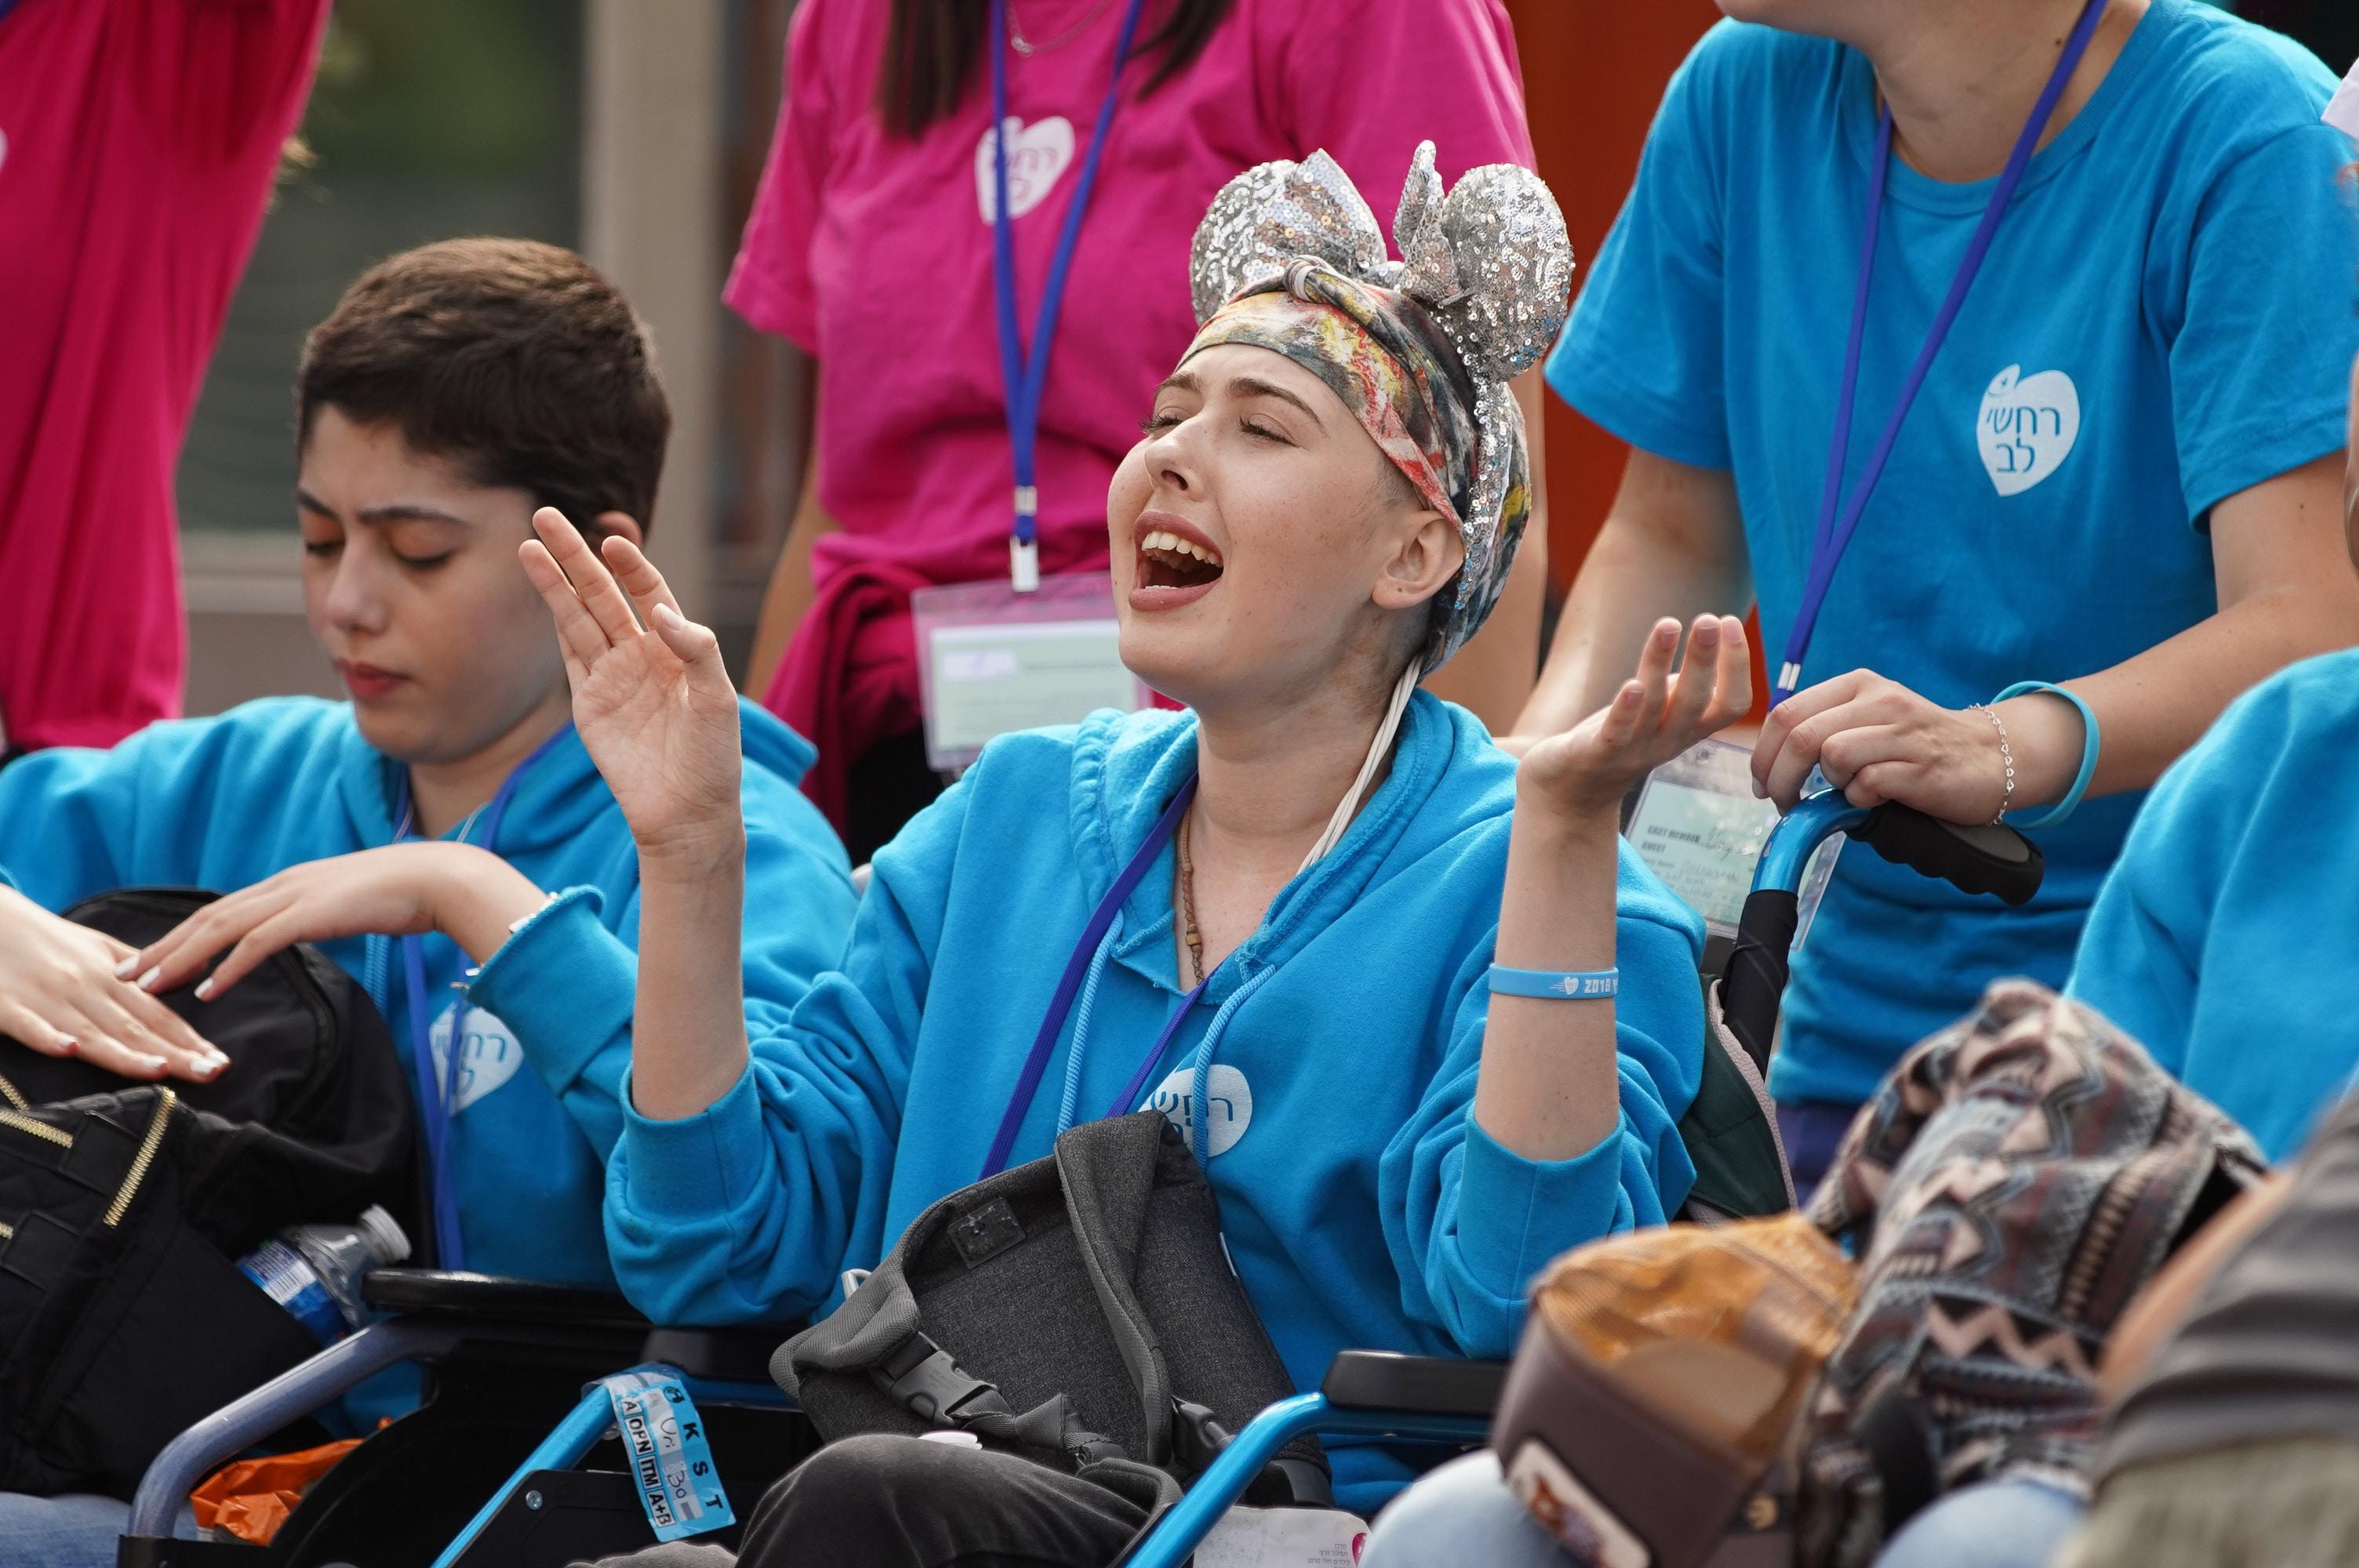 נופשים וימי כיף למען ילדים חולי סרטן - רחשי לב